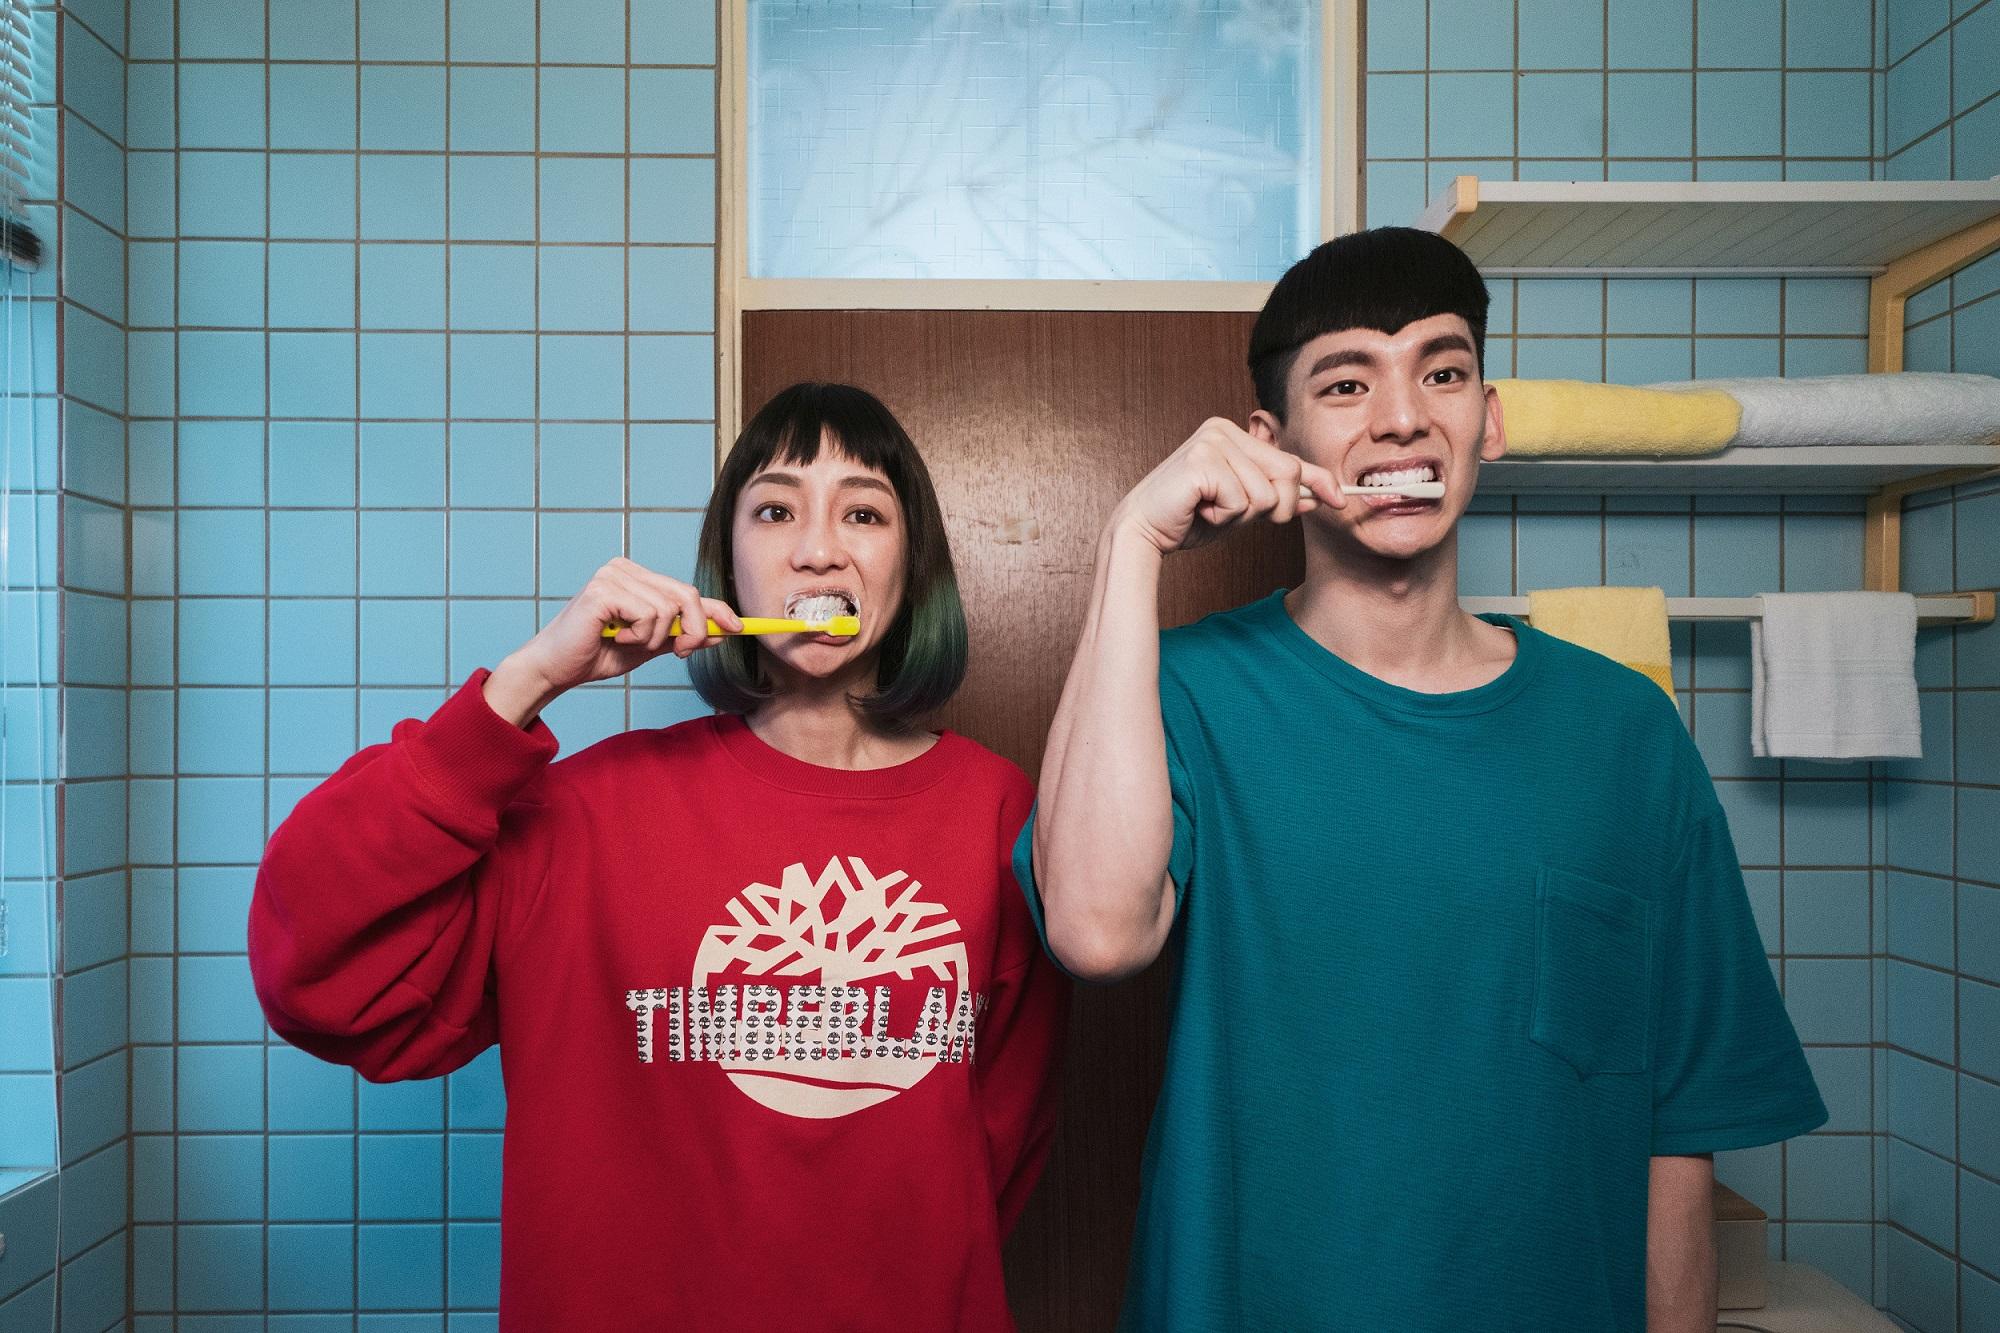 林柏宏與謝欣穎分別入圍第57屆金馬獎最佳男主角與最佳女主角